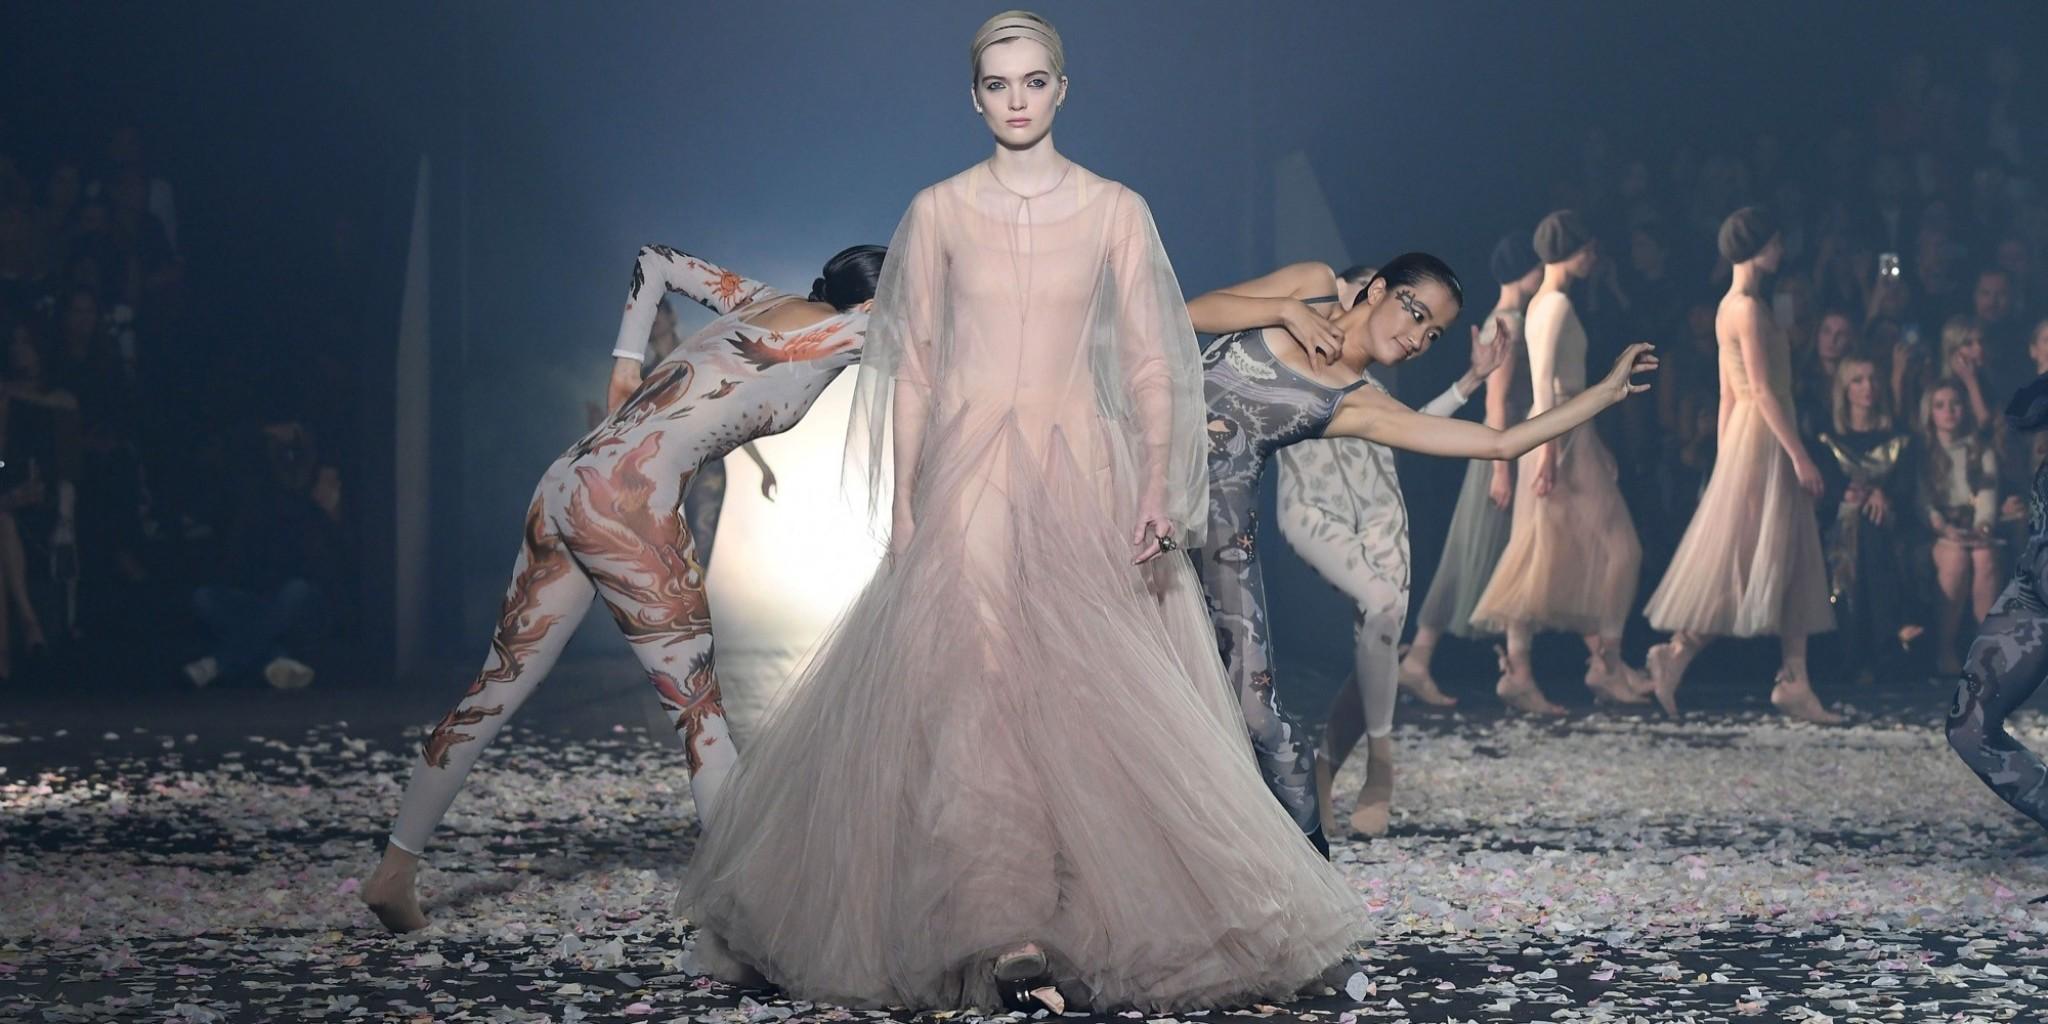 Dior ورحلة بين الفن الموضة تتمايل مع حركات الراقصين